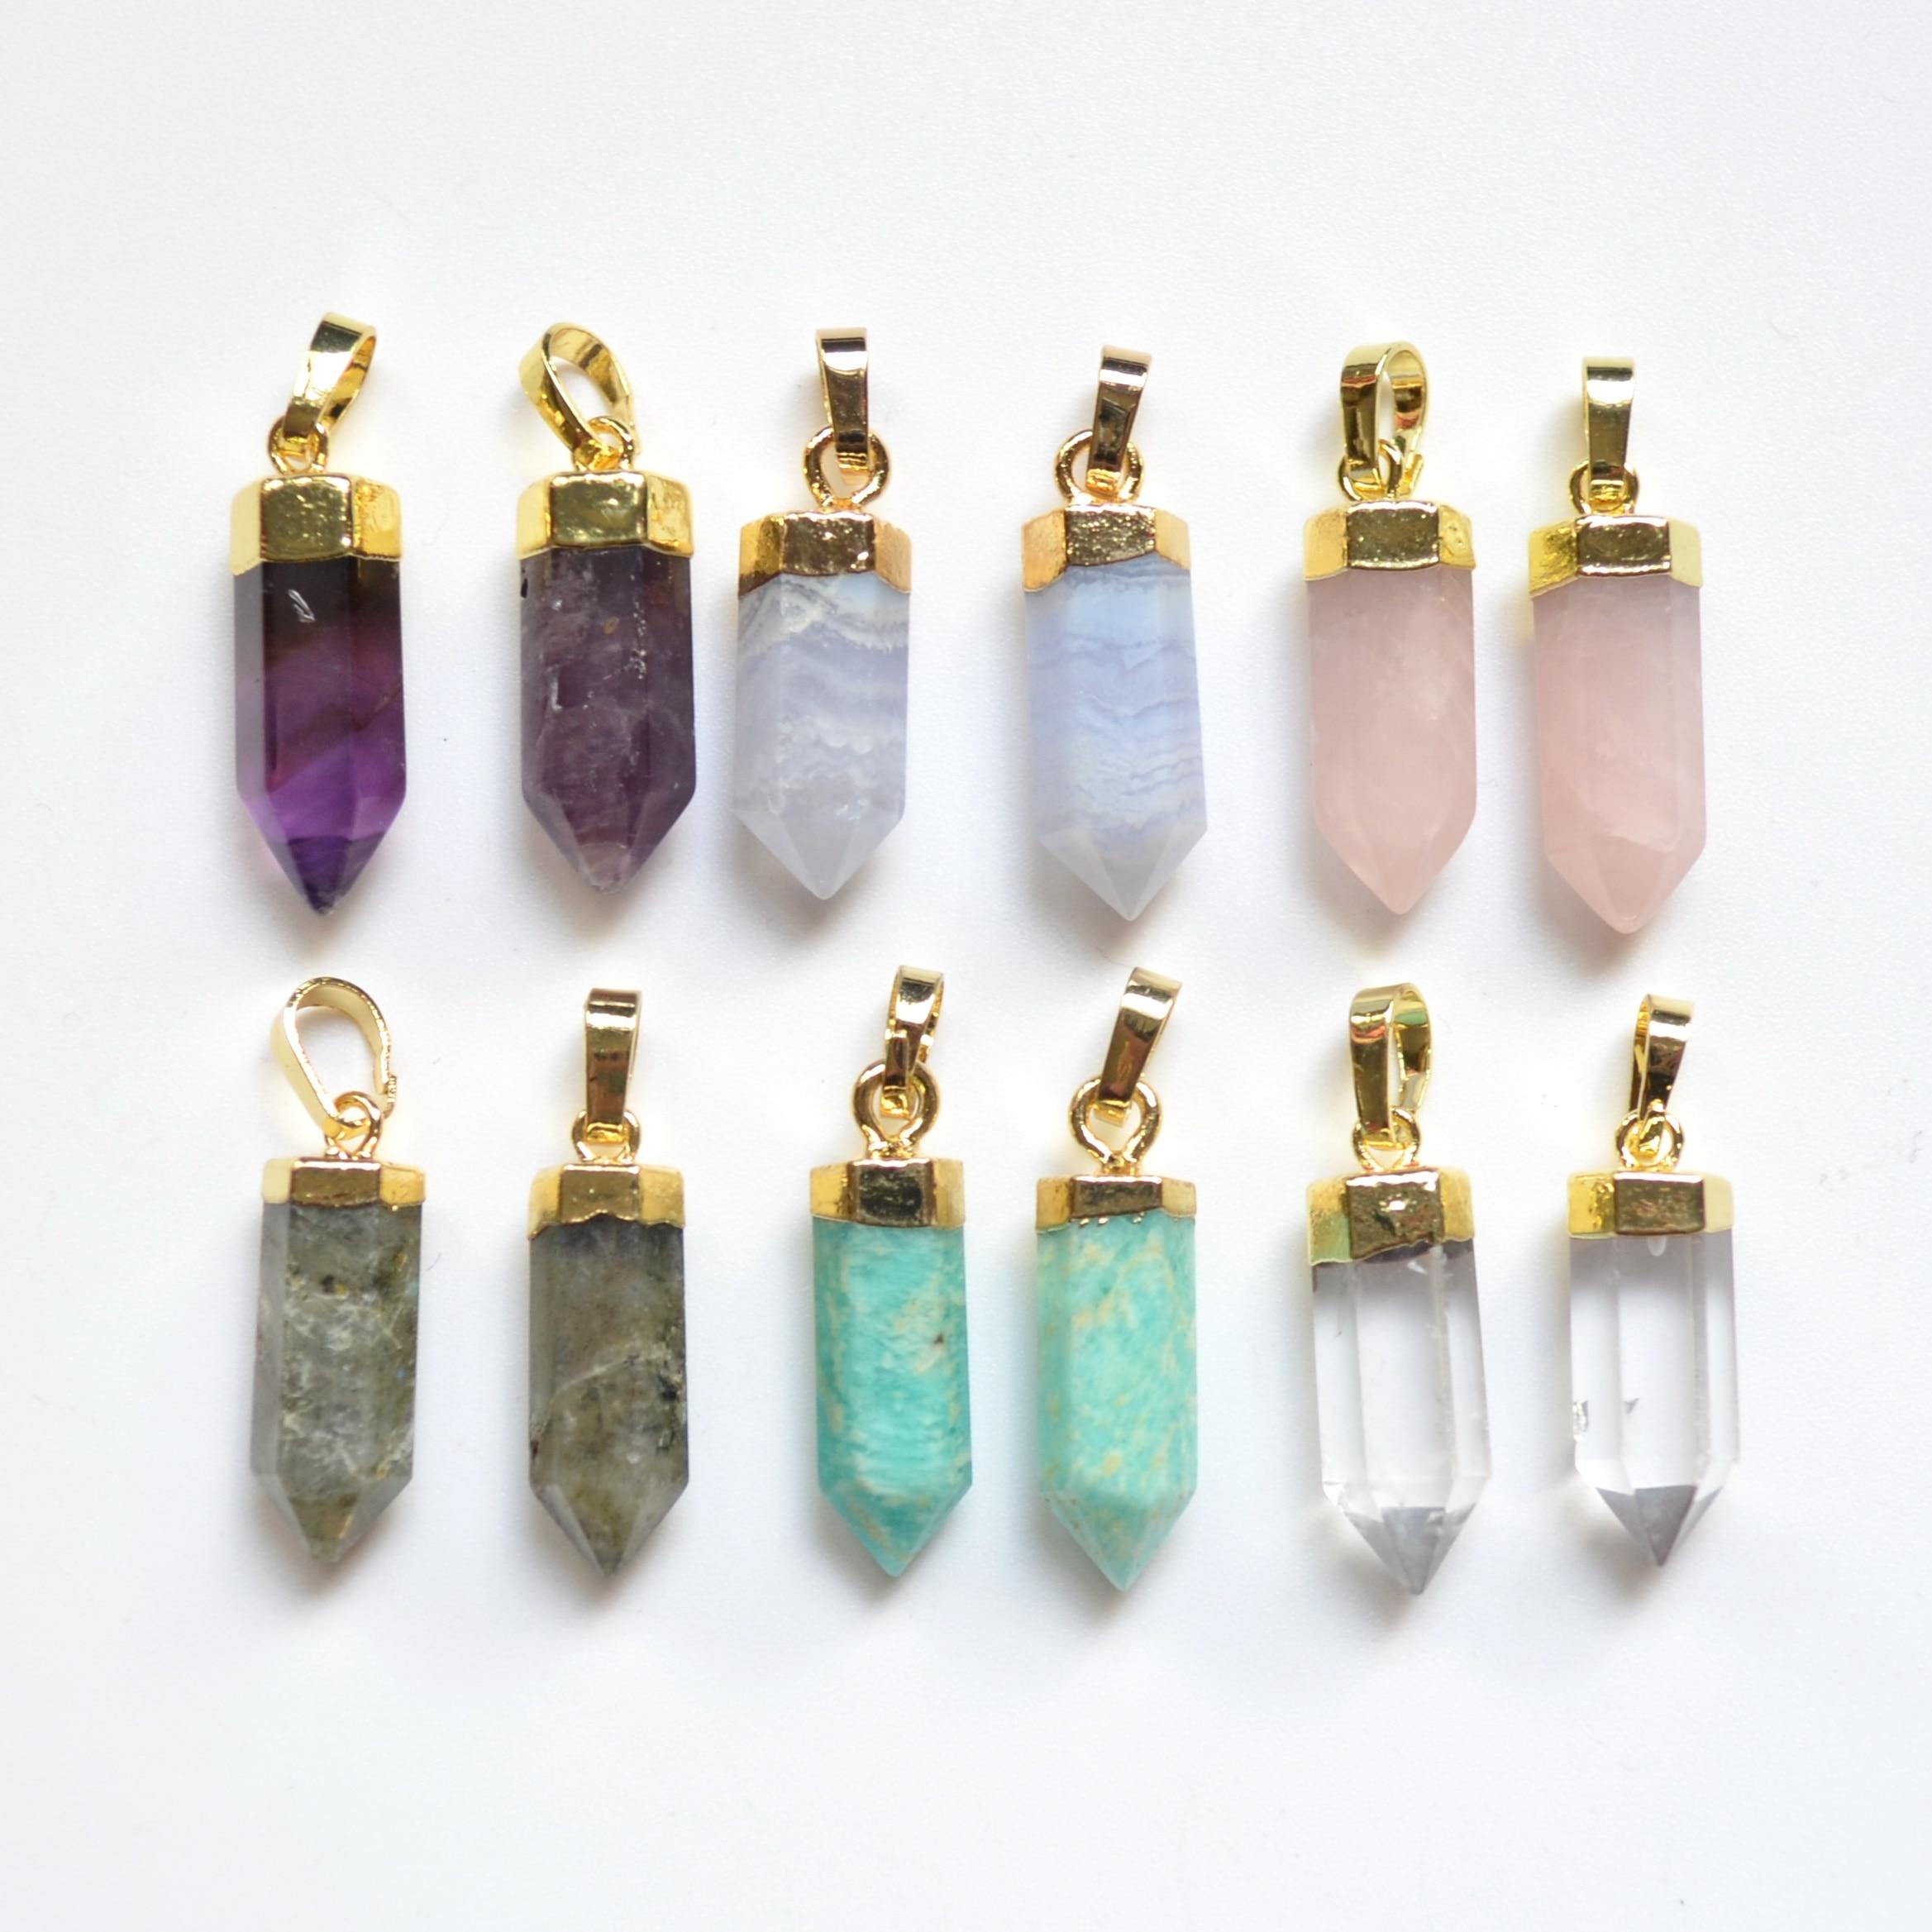 Neue amazonit/amethysten/labradorit/rosa kristall stein facted punkt anhänger für schmuck|Anhänger|   - AliExpress